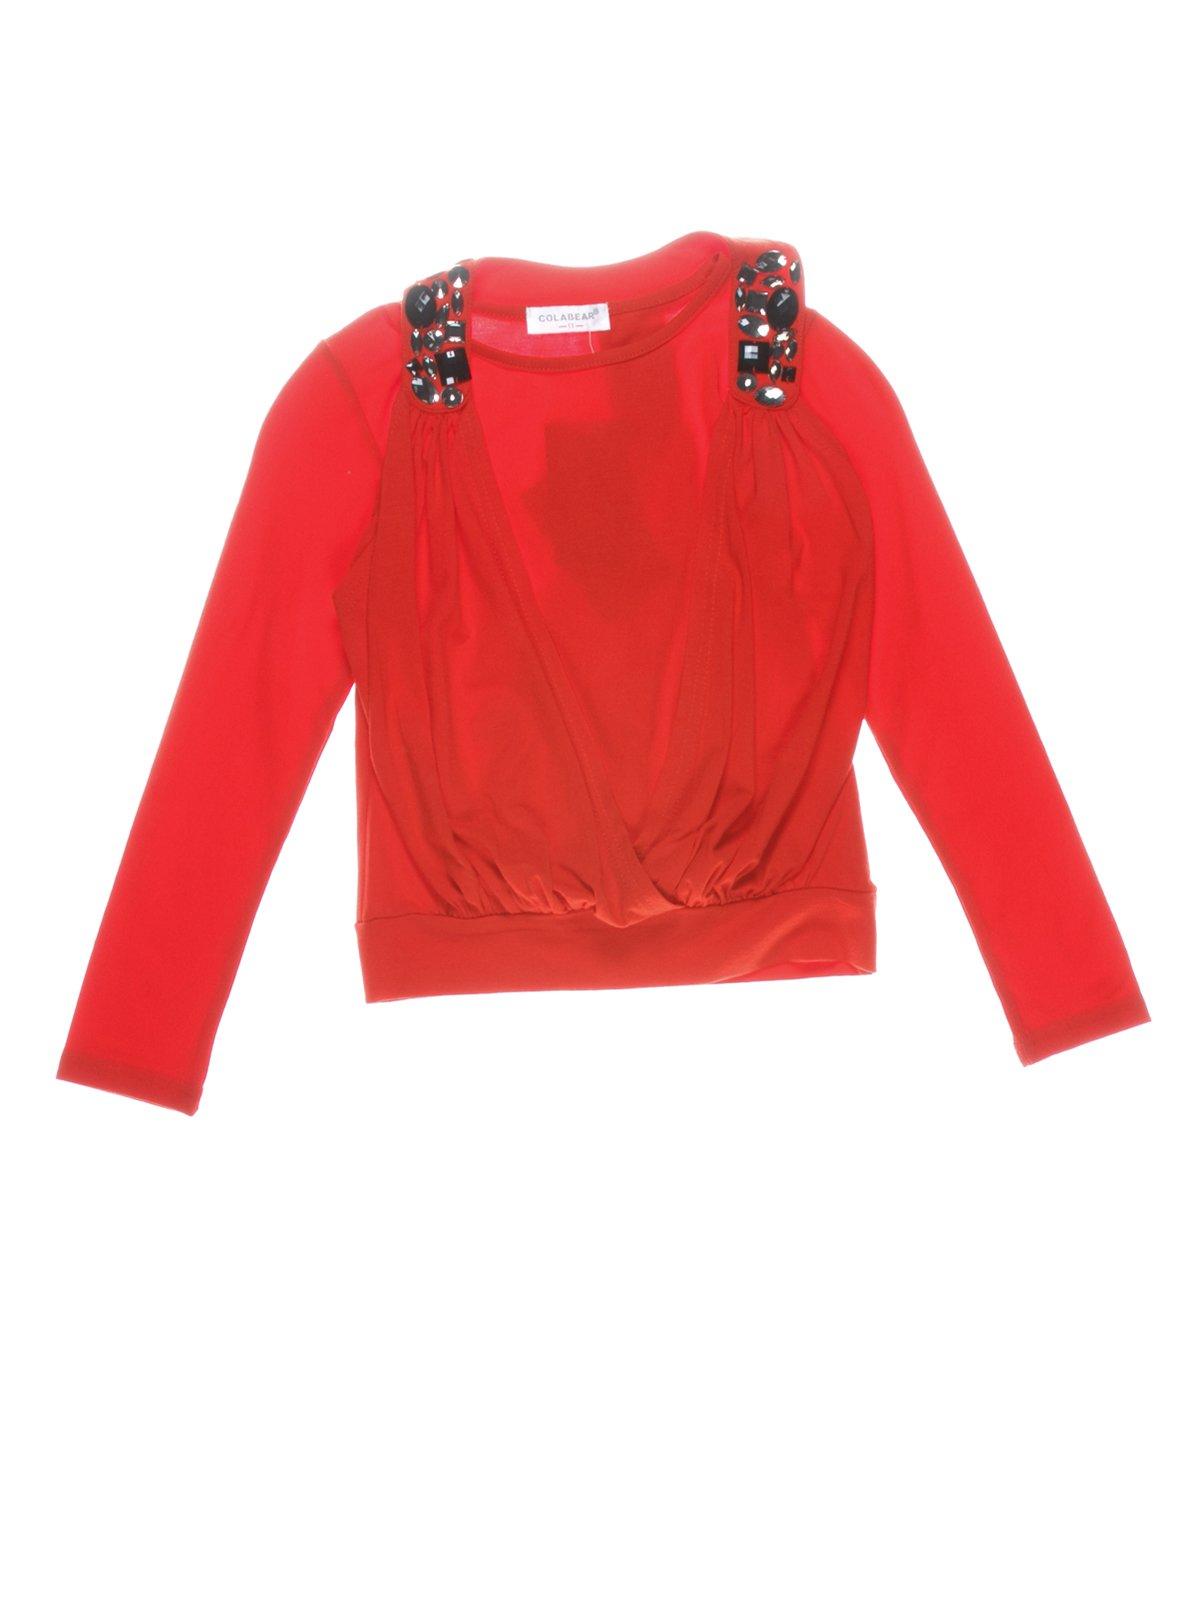 Джемпер красный со стилизованным жилетом | 649139